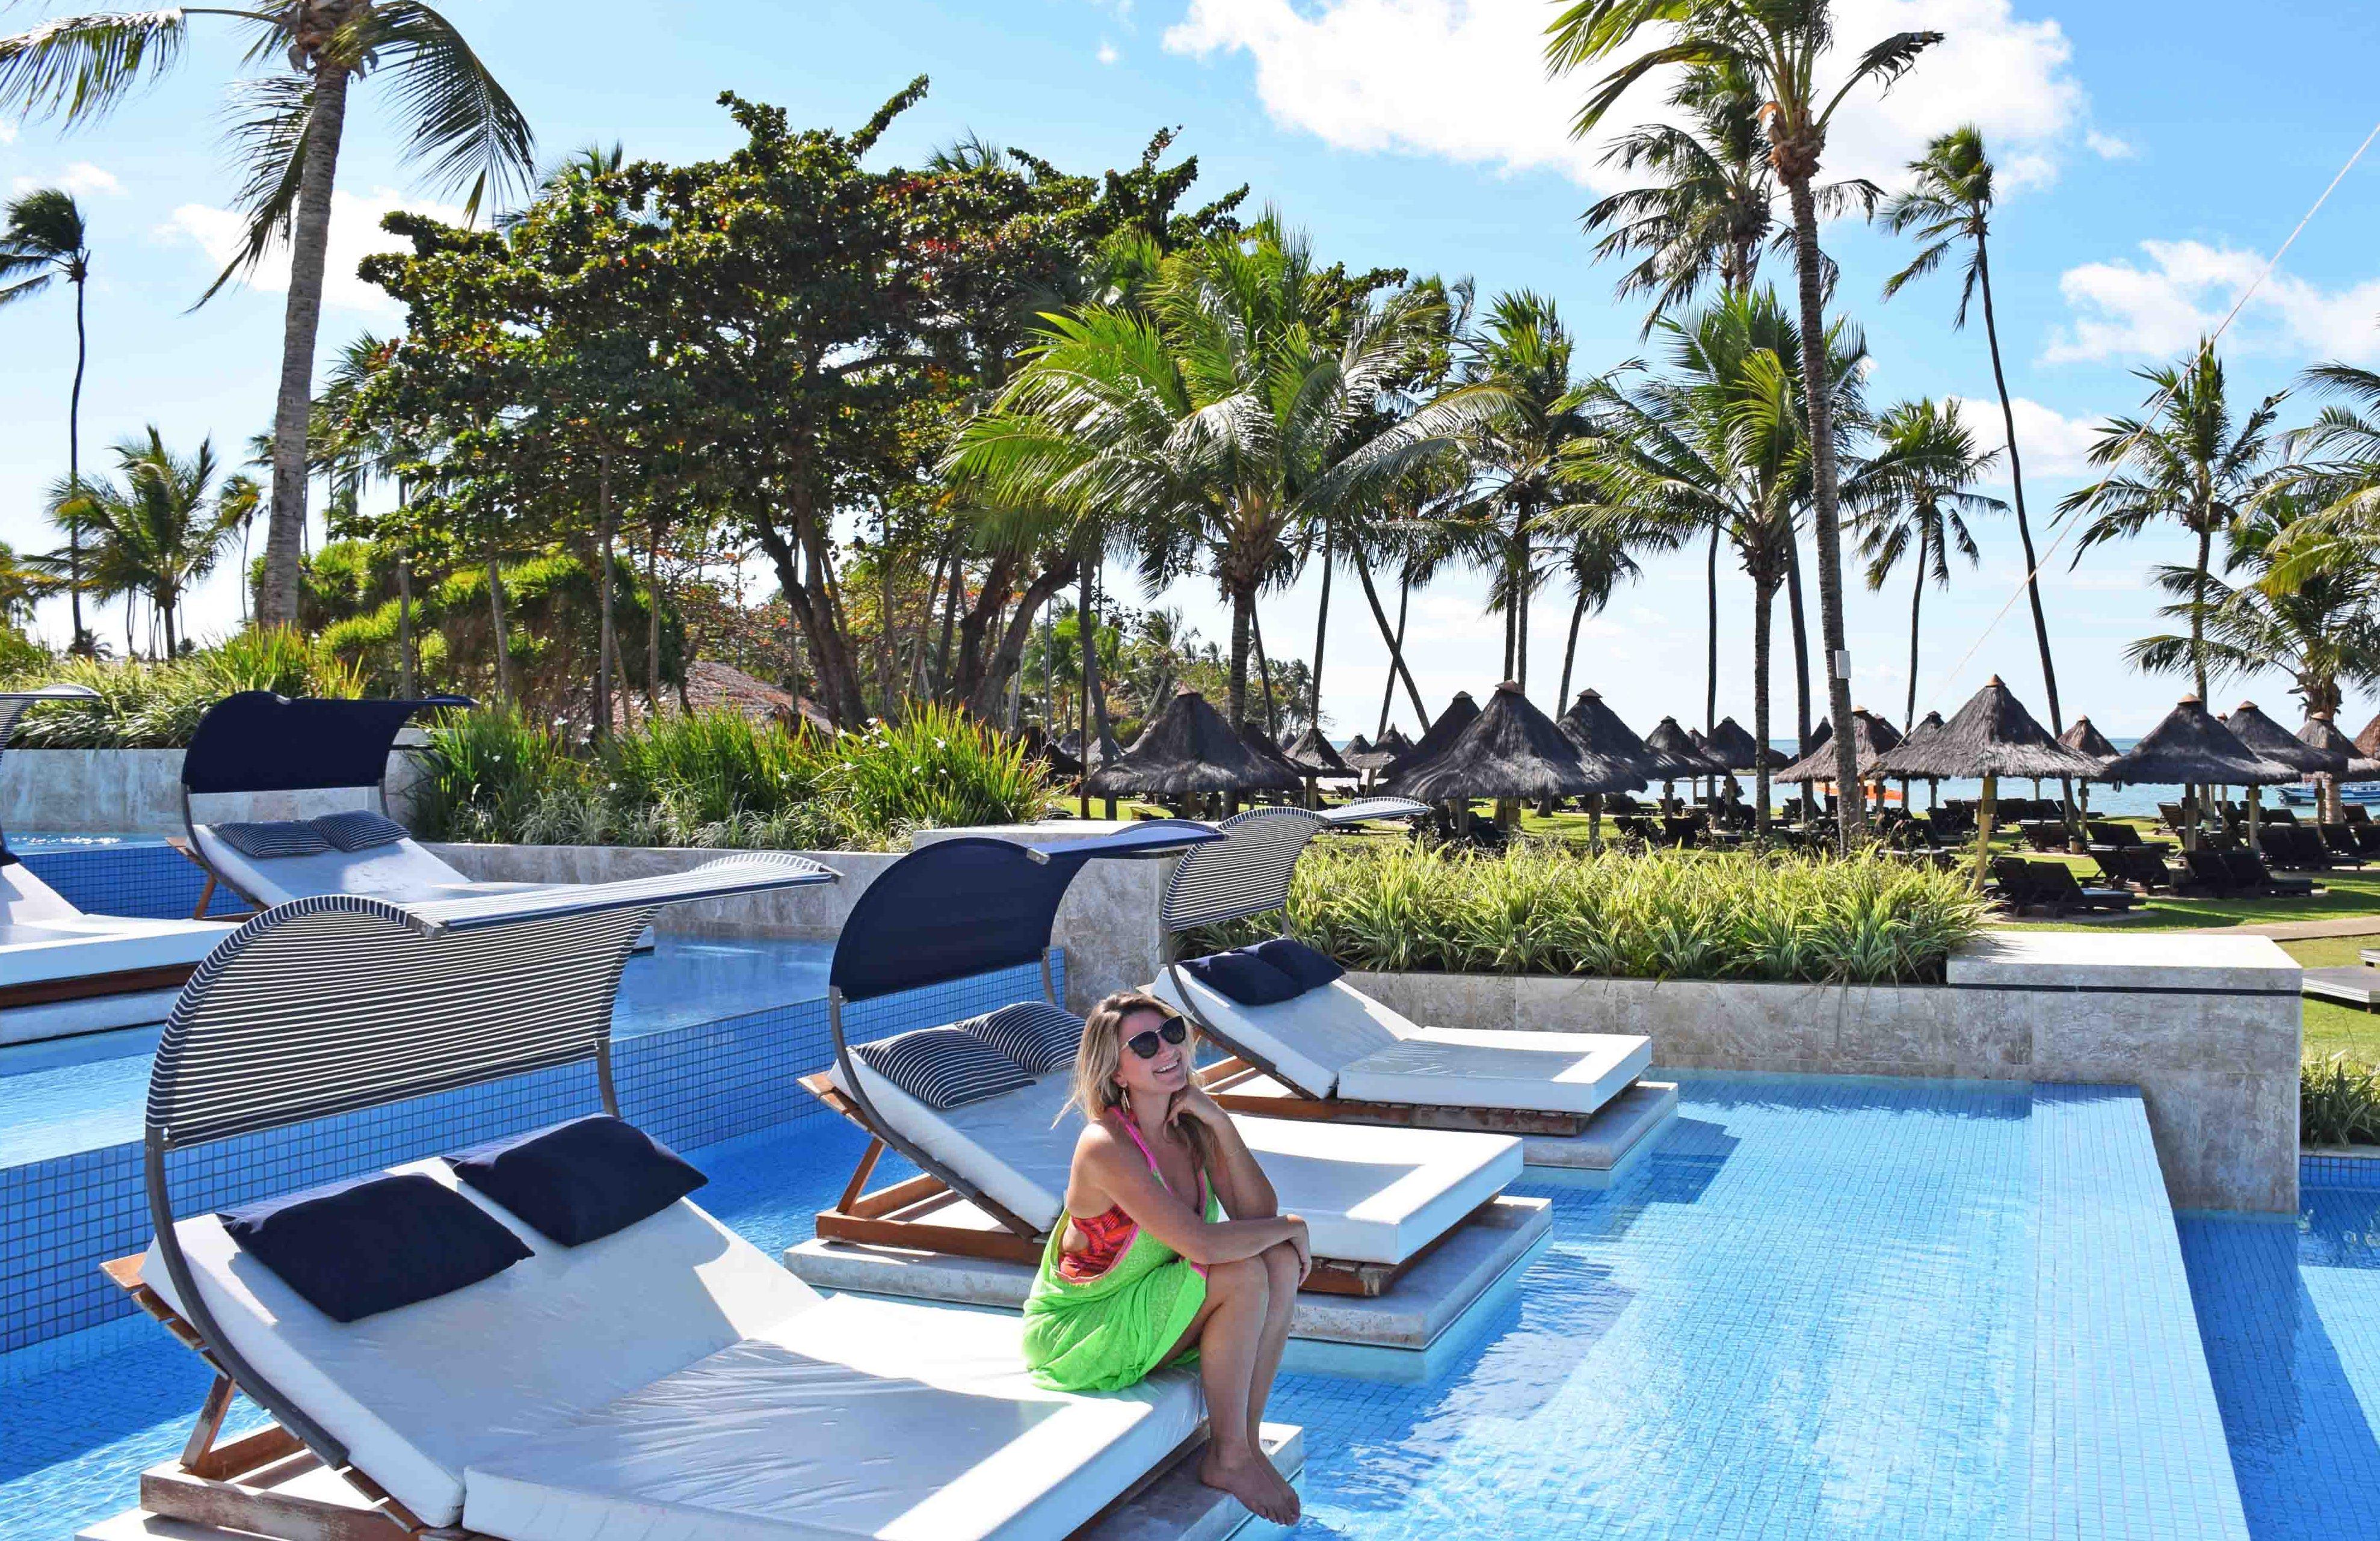 onde ficar praia do forte - melhor hotel resort - tivoli